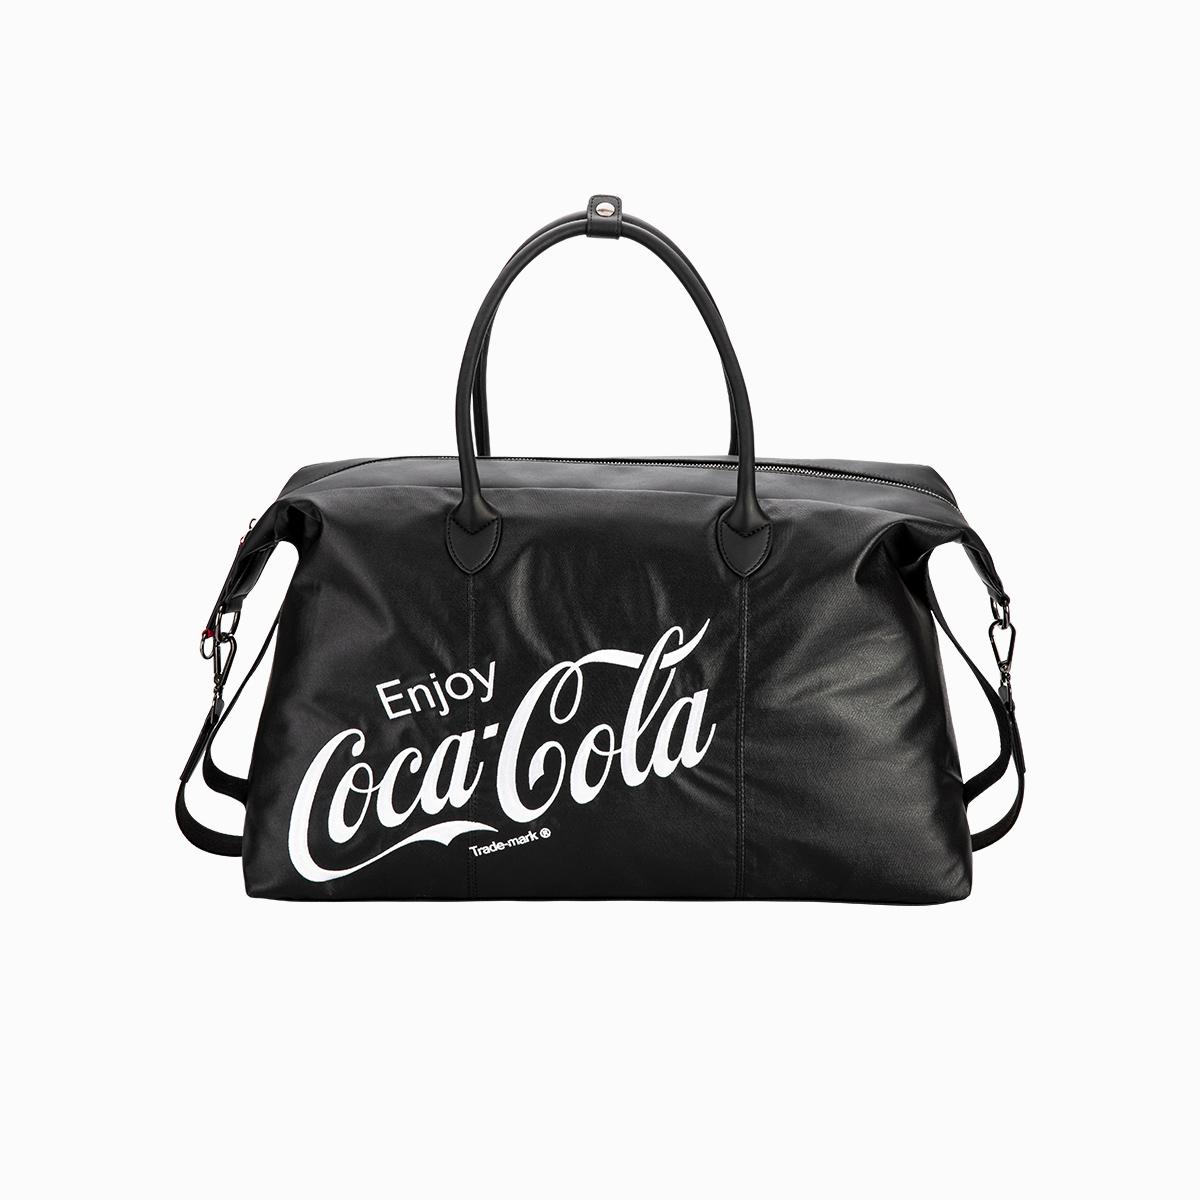 爱华仕可口可乐联名行李袋大容量手提包